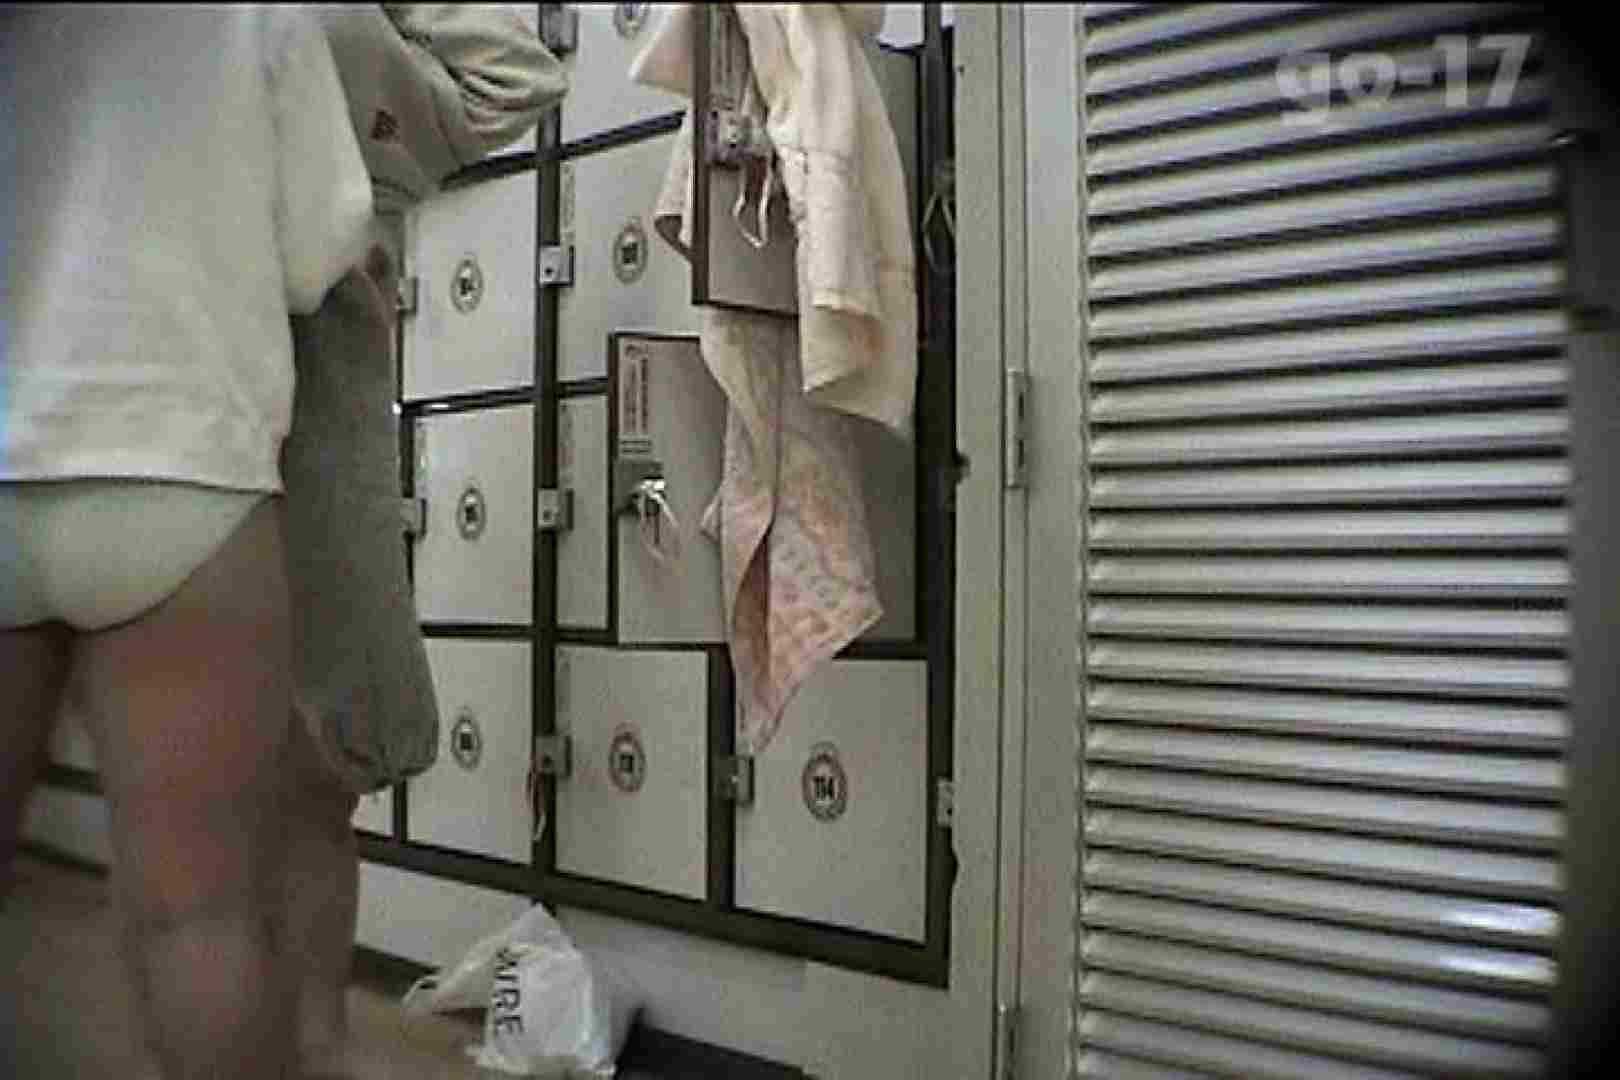 電波カメラ設置浴場からの防HAN映像 Vol.17 アラ30 エロ画像 77画像 68